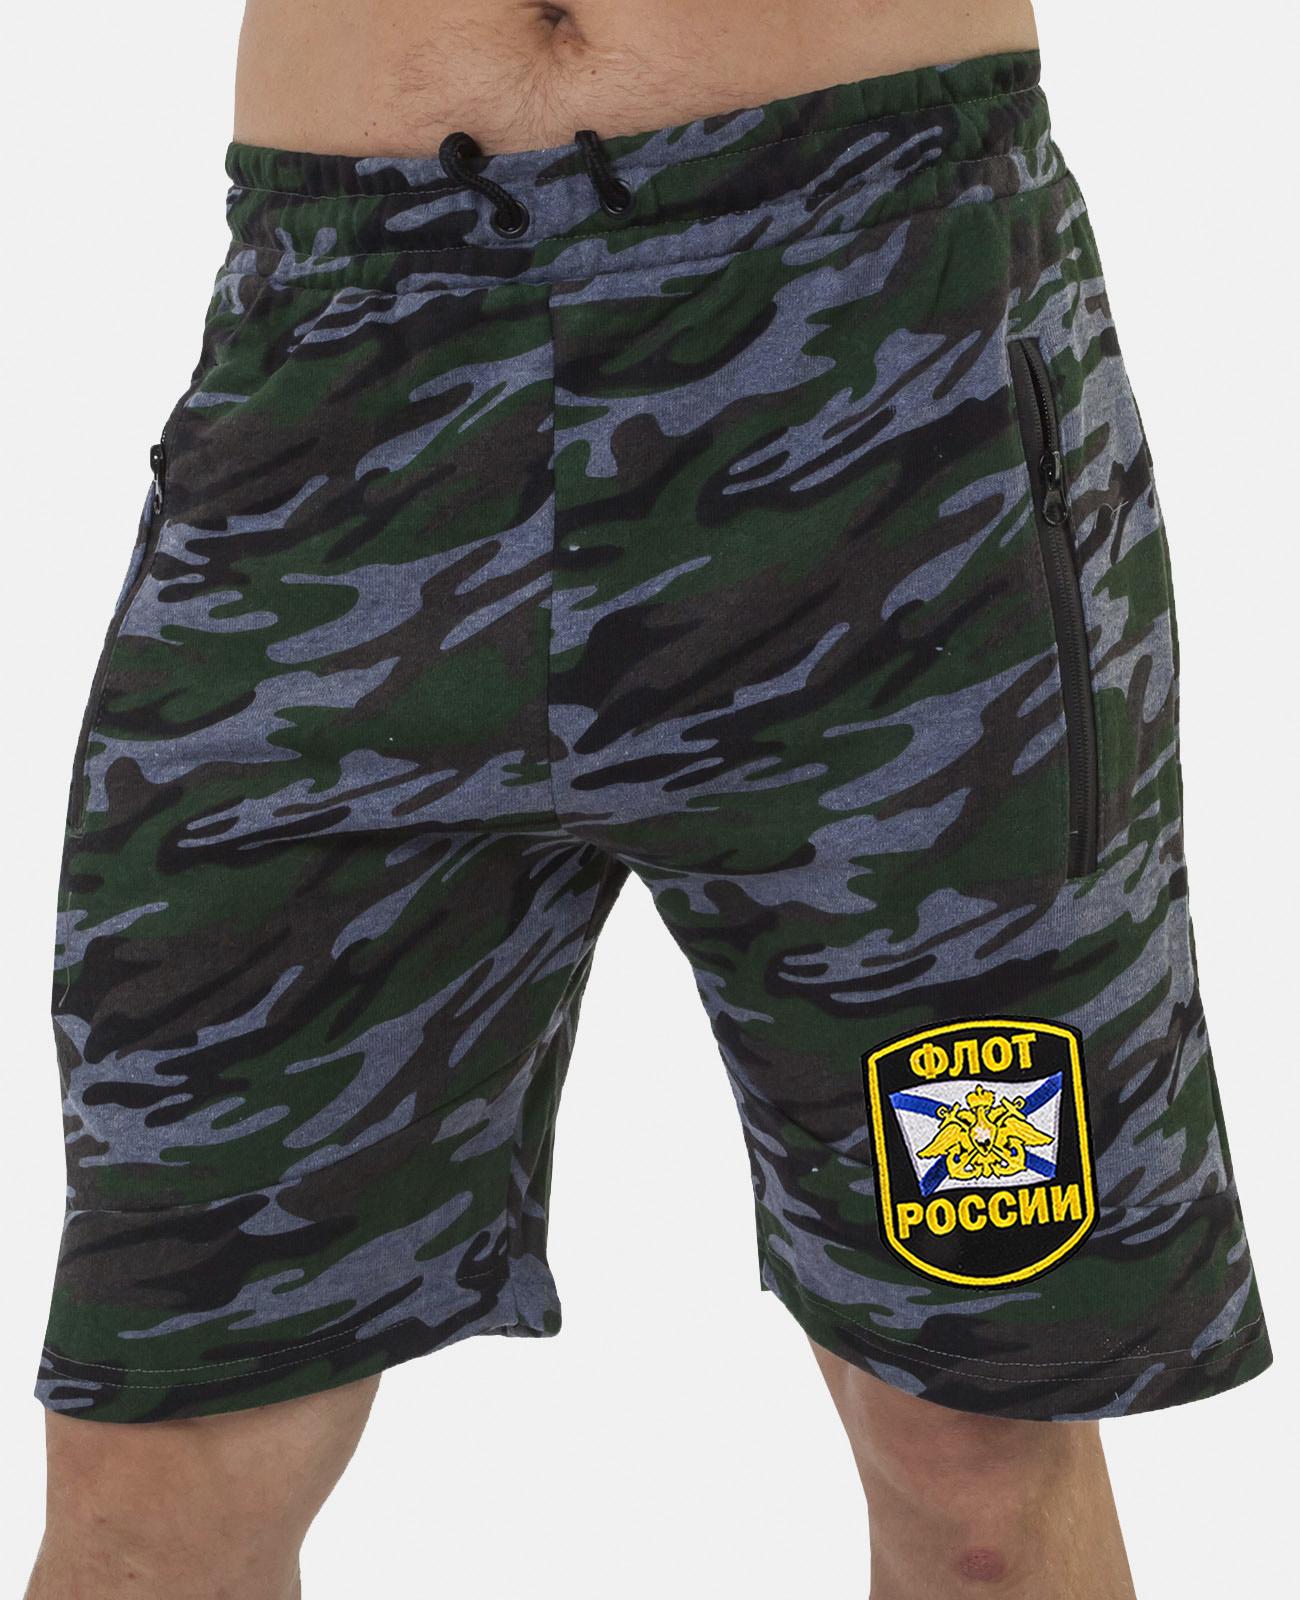 Купить мужские шорты свободного фасона с нашивкой Флот России в подарок моряку